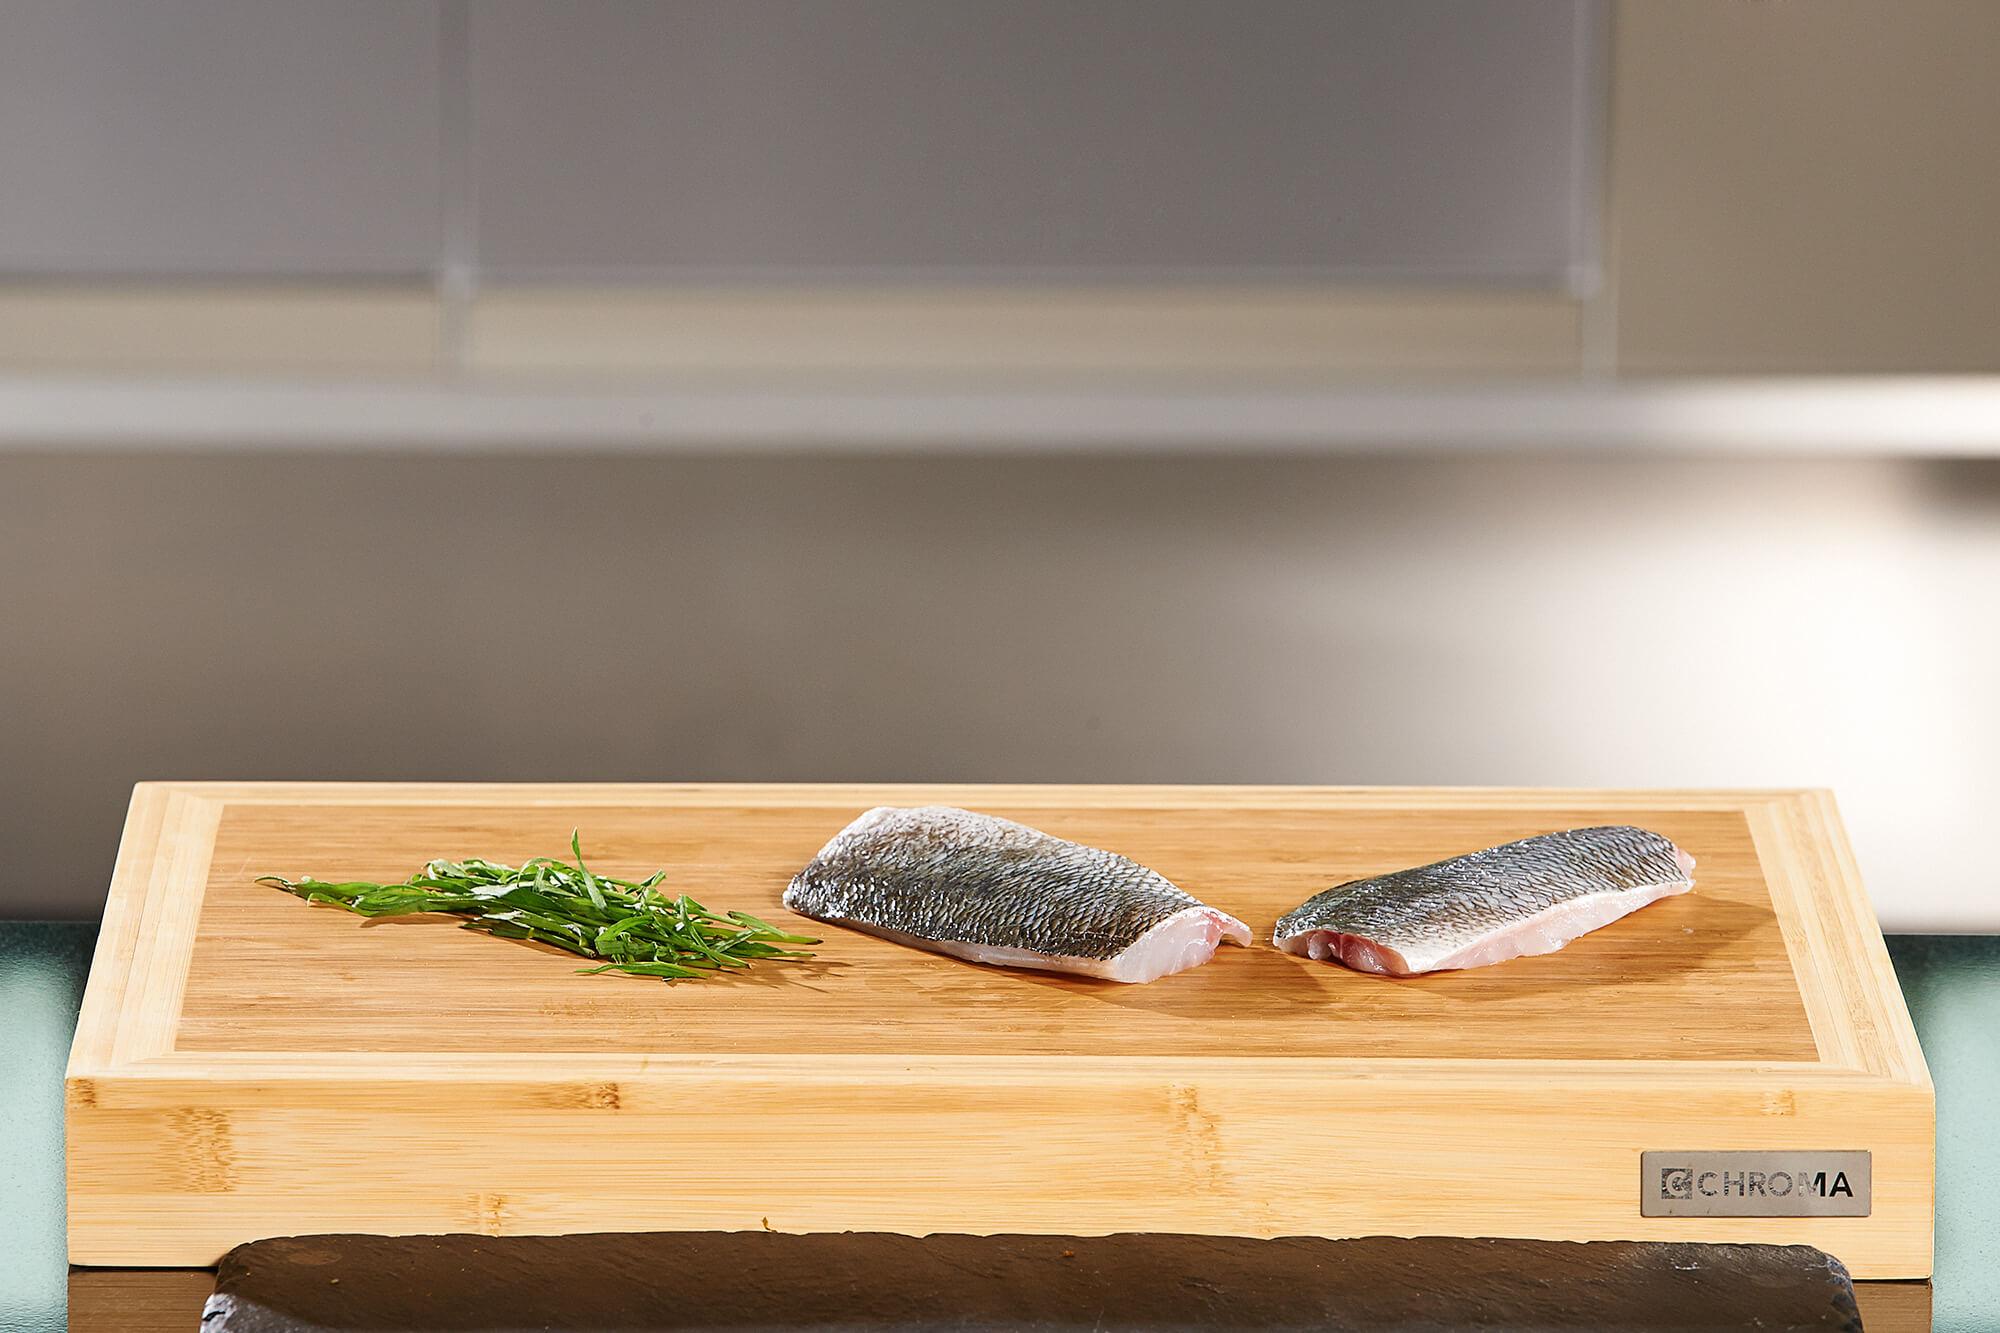 Fisch auf Holzplatte